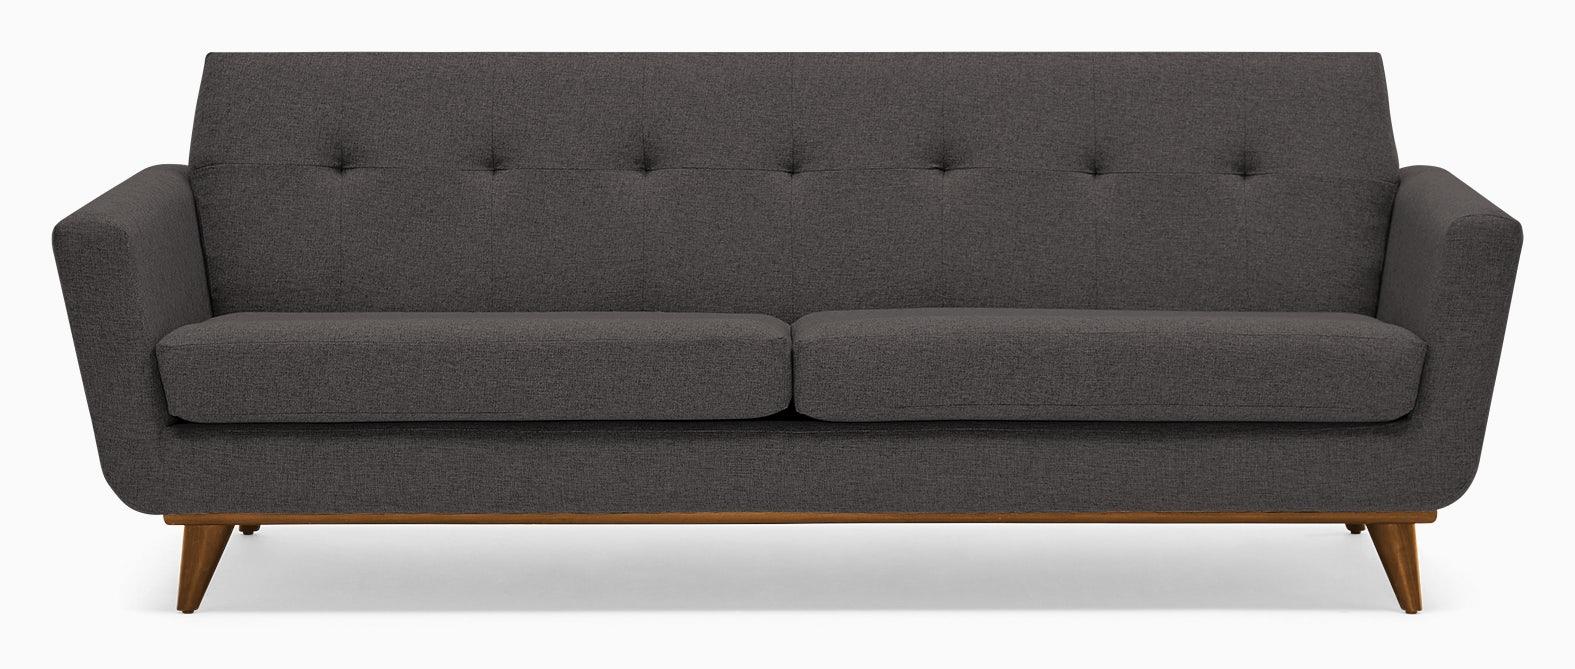 hughes sofa cordova eclipse